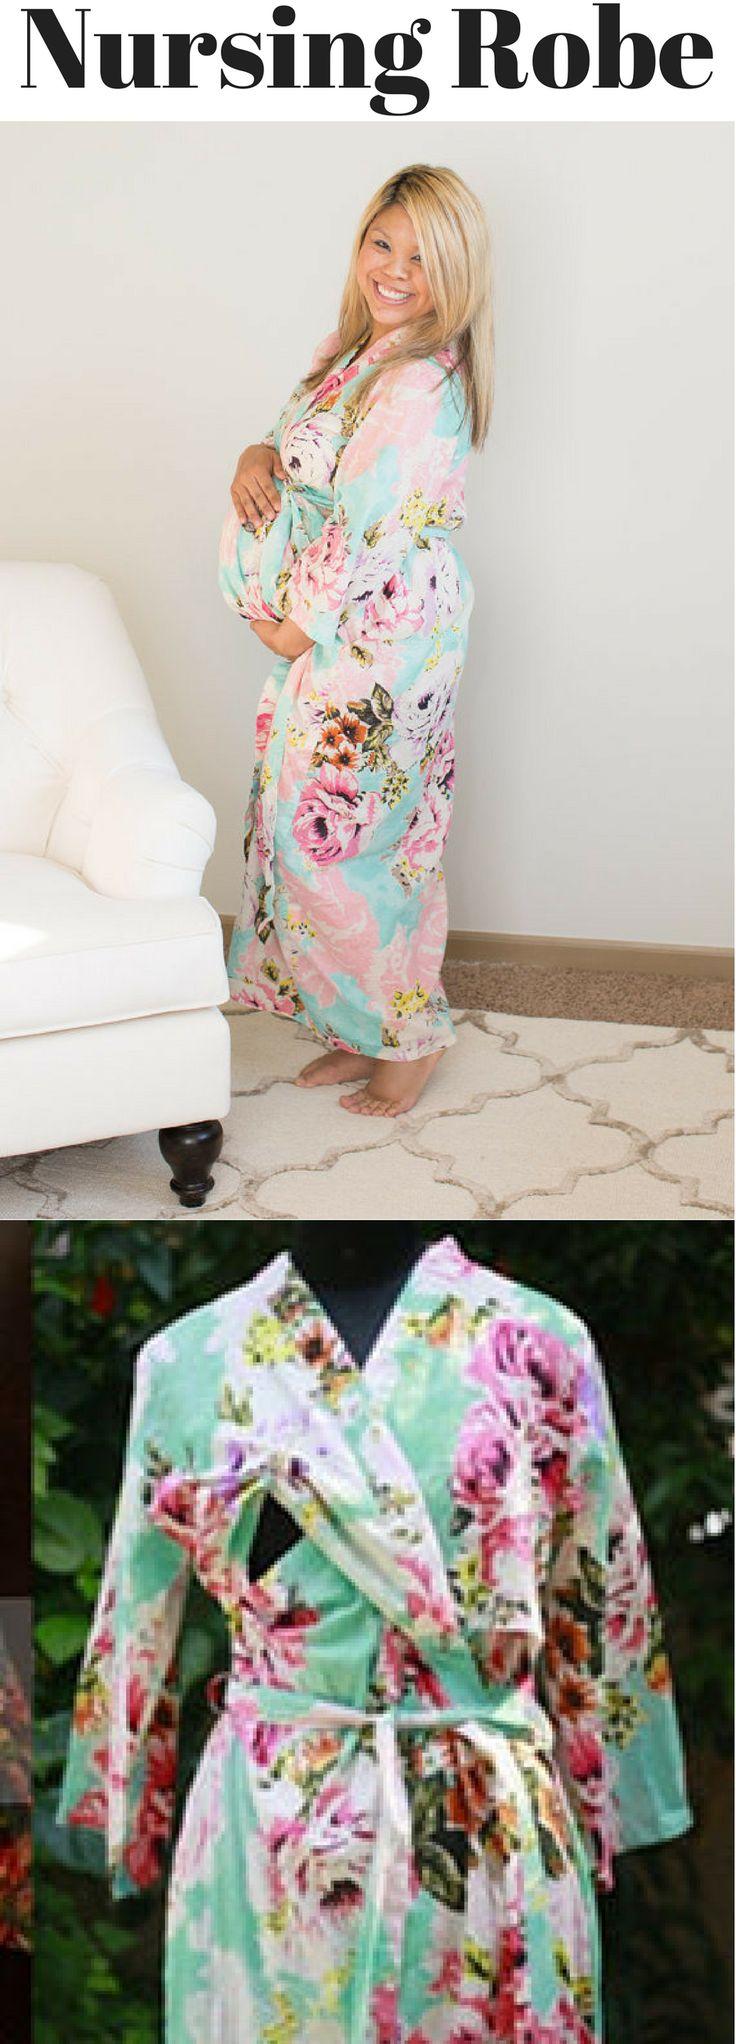 Floral nursing robe, pregnancy robe, hospital wear robe, birthing robe  #affiliatelink